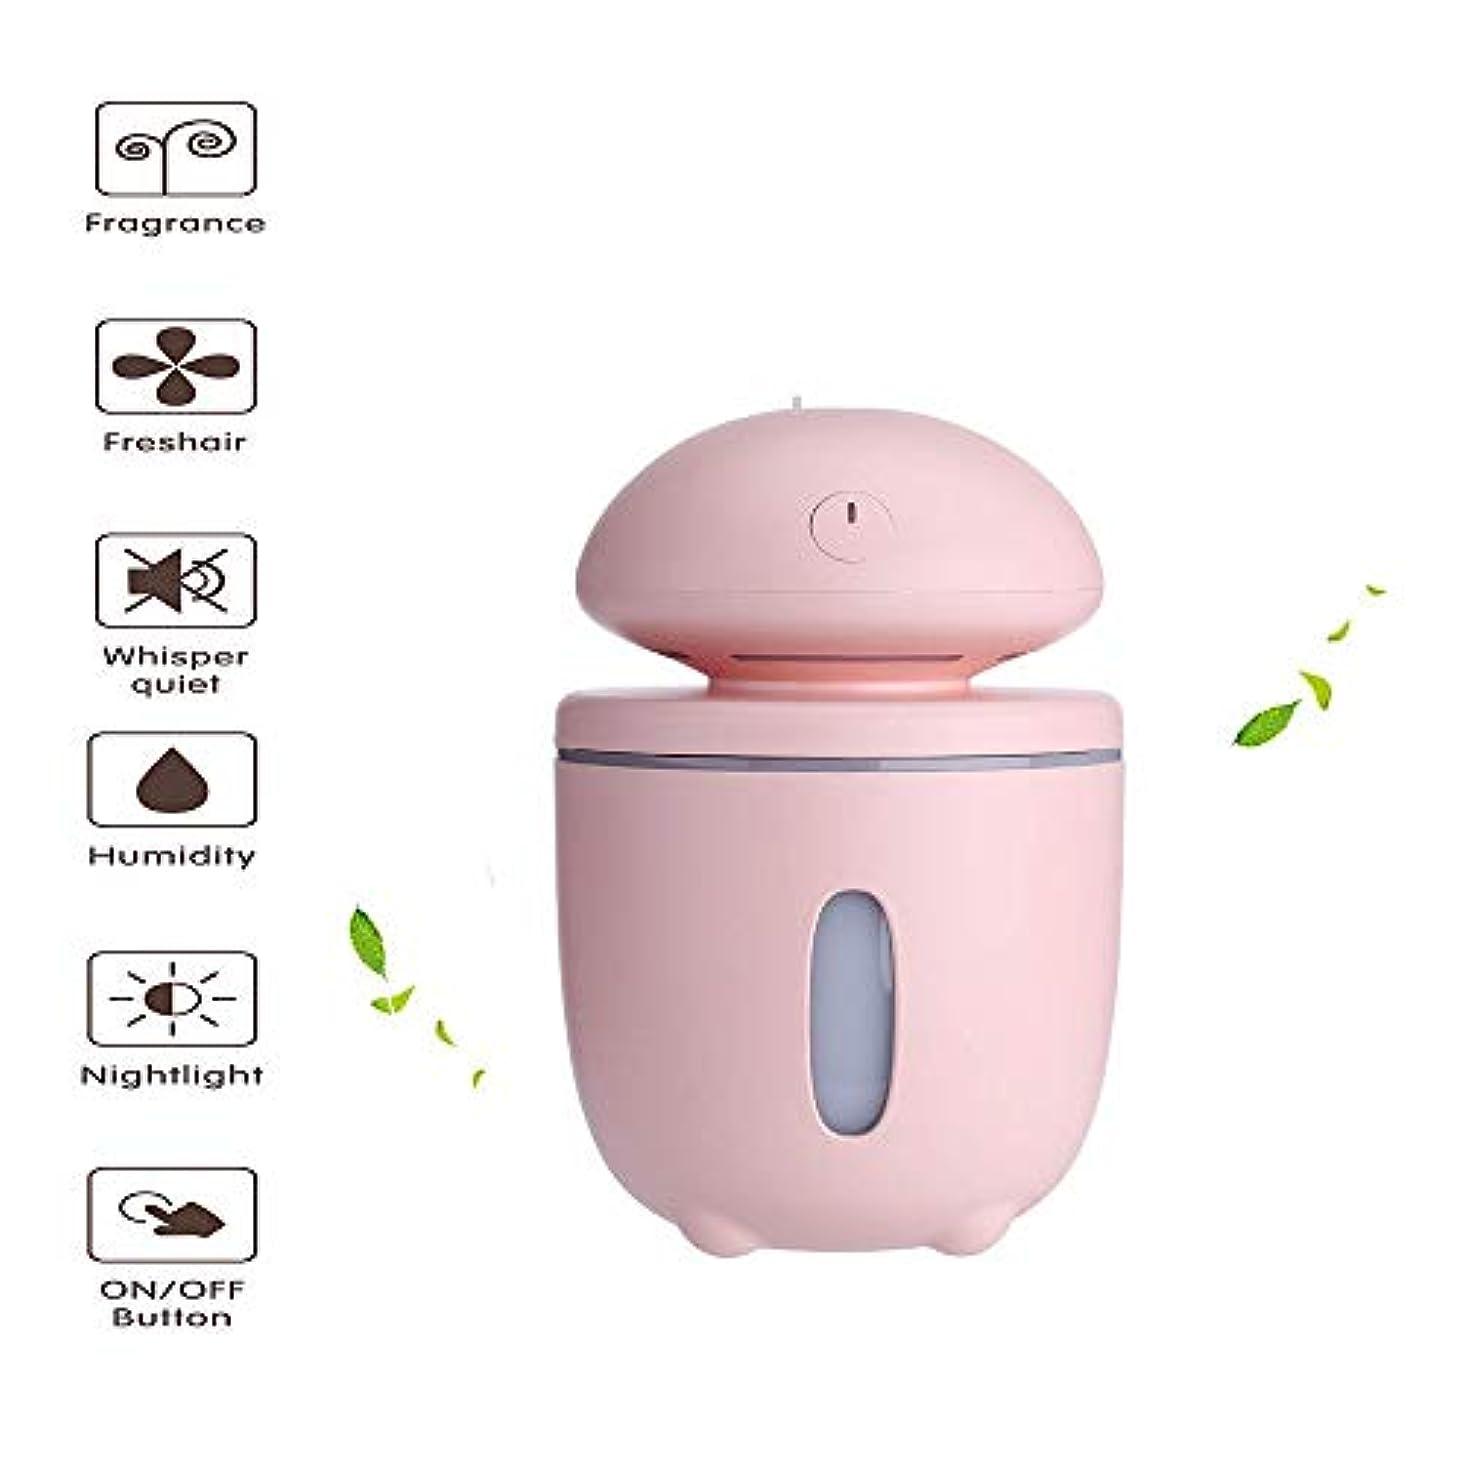 受粉する気付くふりをするエッセンシャルオイルディフューザー、超音波加湿器、USB充電式ホームナイトライト - ポータブル空気清浄機 - オートパワーオフ - ホームヨガスパ